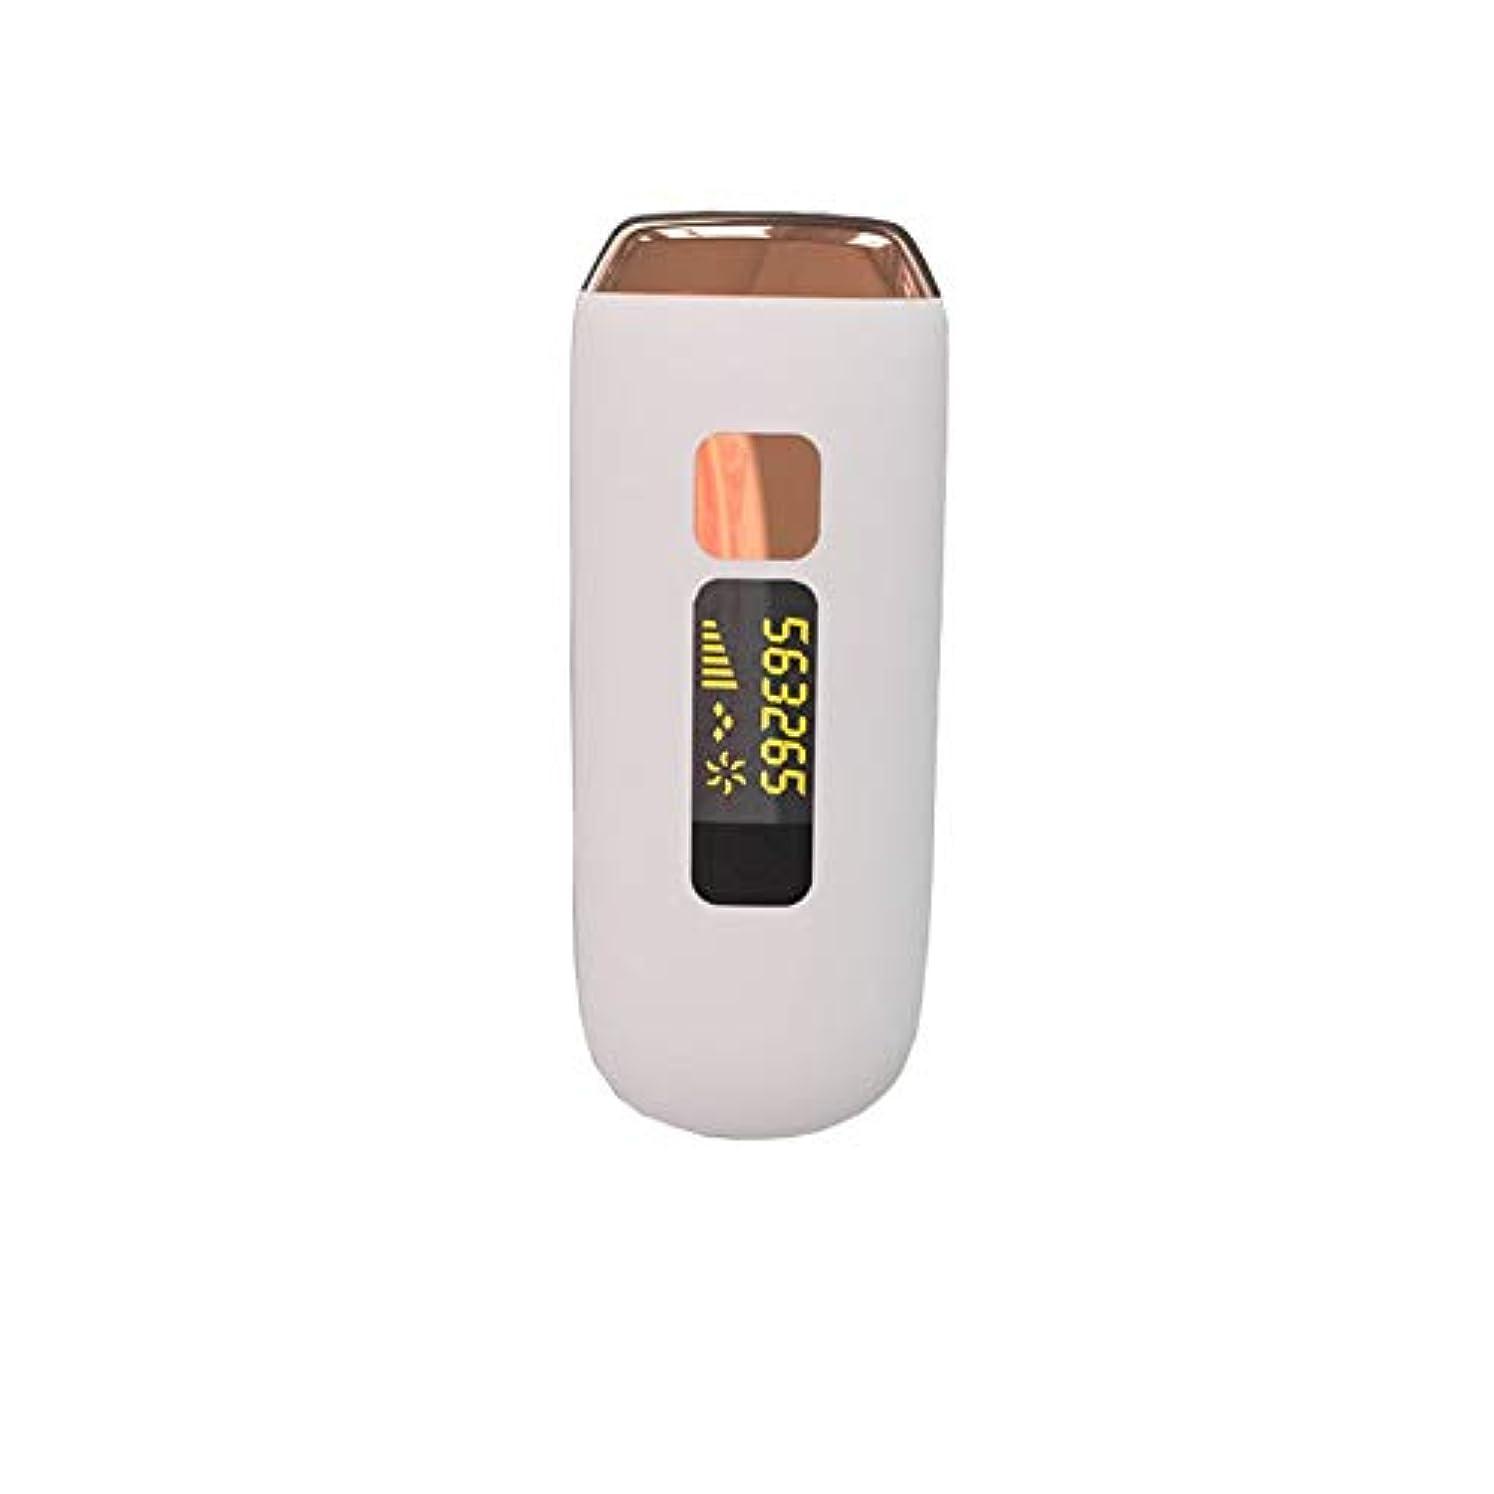 幸福溶ける電池鼻体フェイス脚のためのヘアリムーバー充電式カミソリレディ剃毛脱毛防水エピレーター